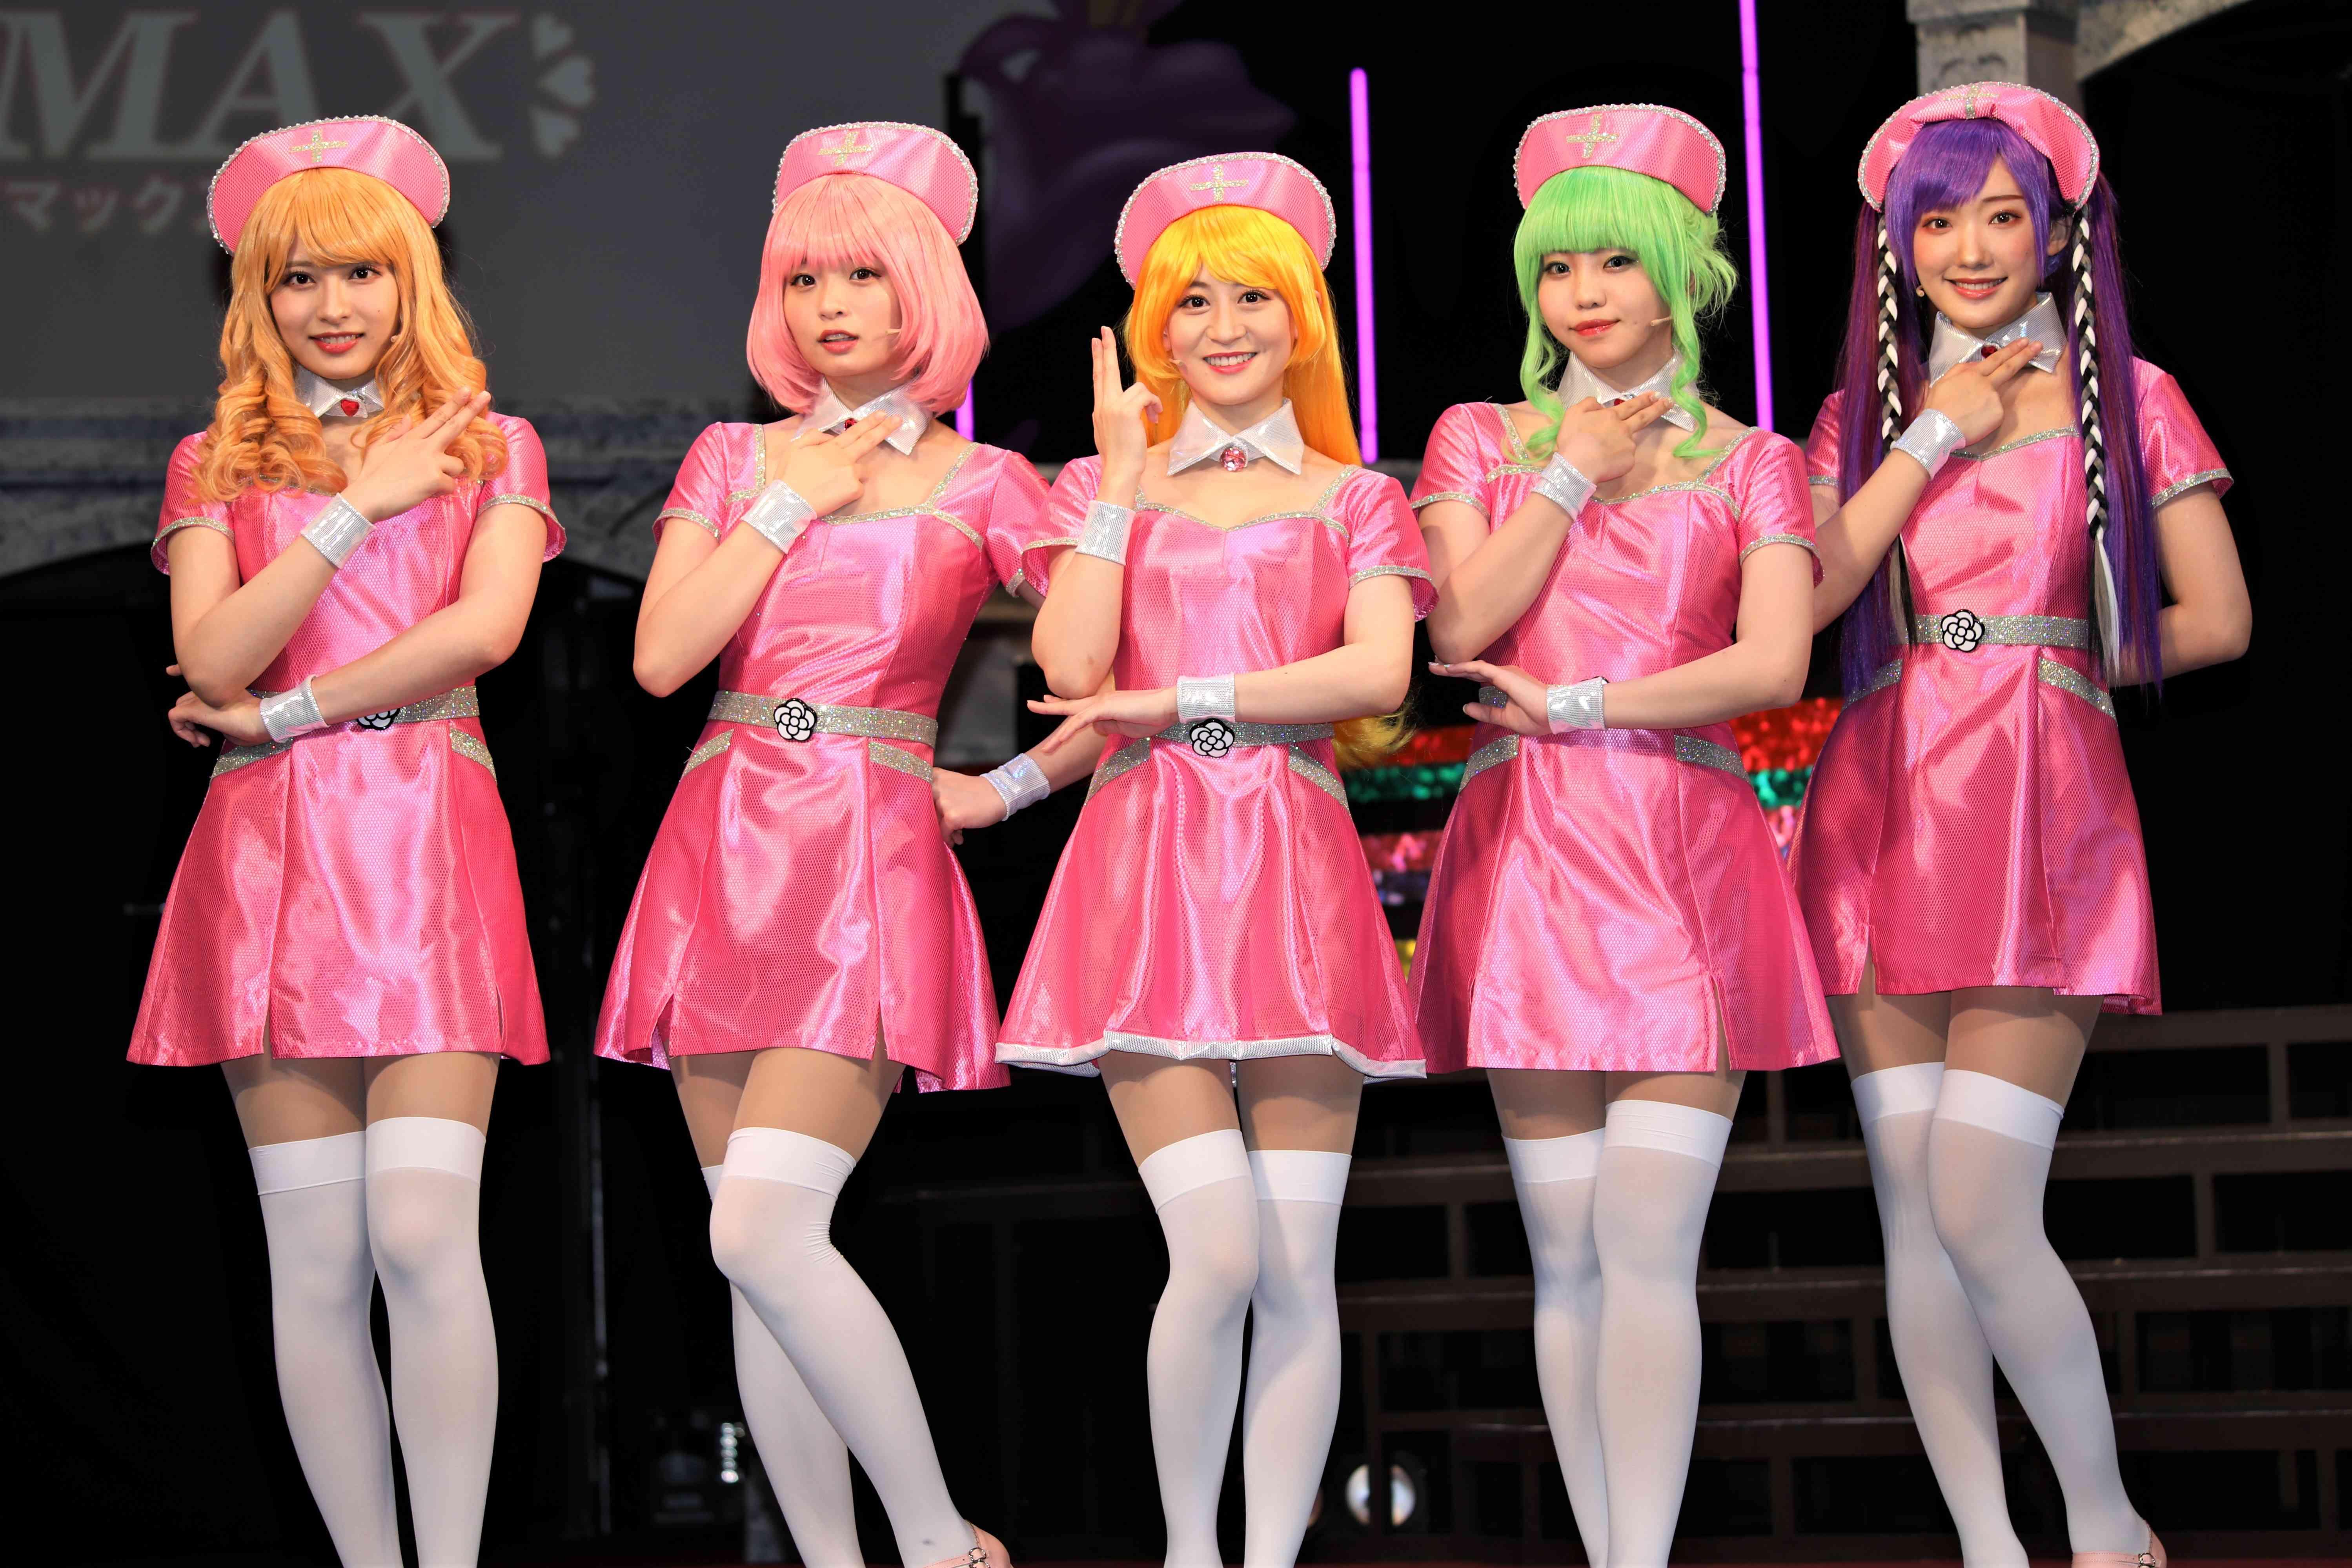 囲み取材での5人 ©永井豪/ダイナミック企画・舞台「Cutie Honey Climax」製作委員会 無断アップロード及び転送は一切禁止です。